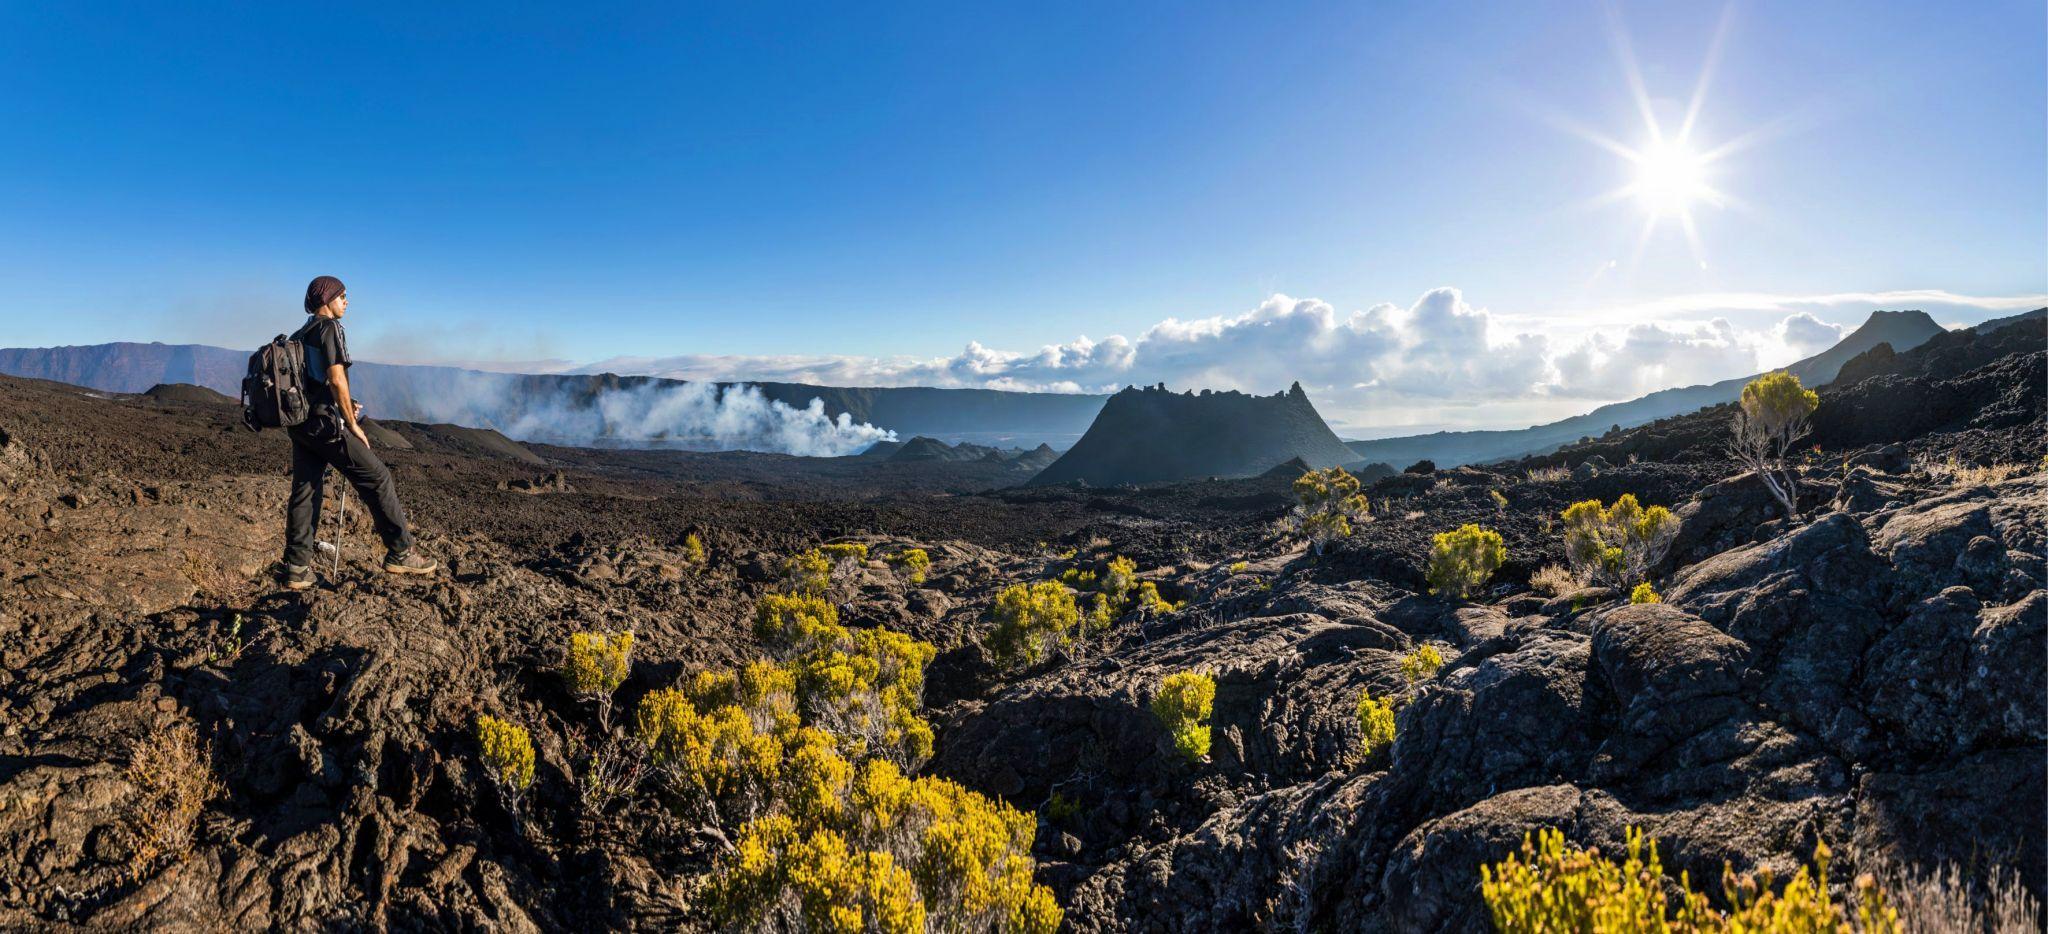 Wanderung auf dem Vulkan Piton de la fournaise auf der Insel La Réunion